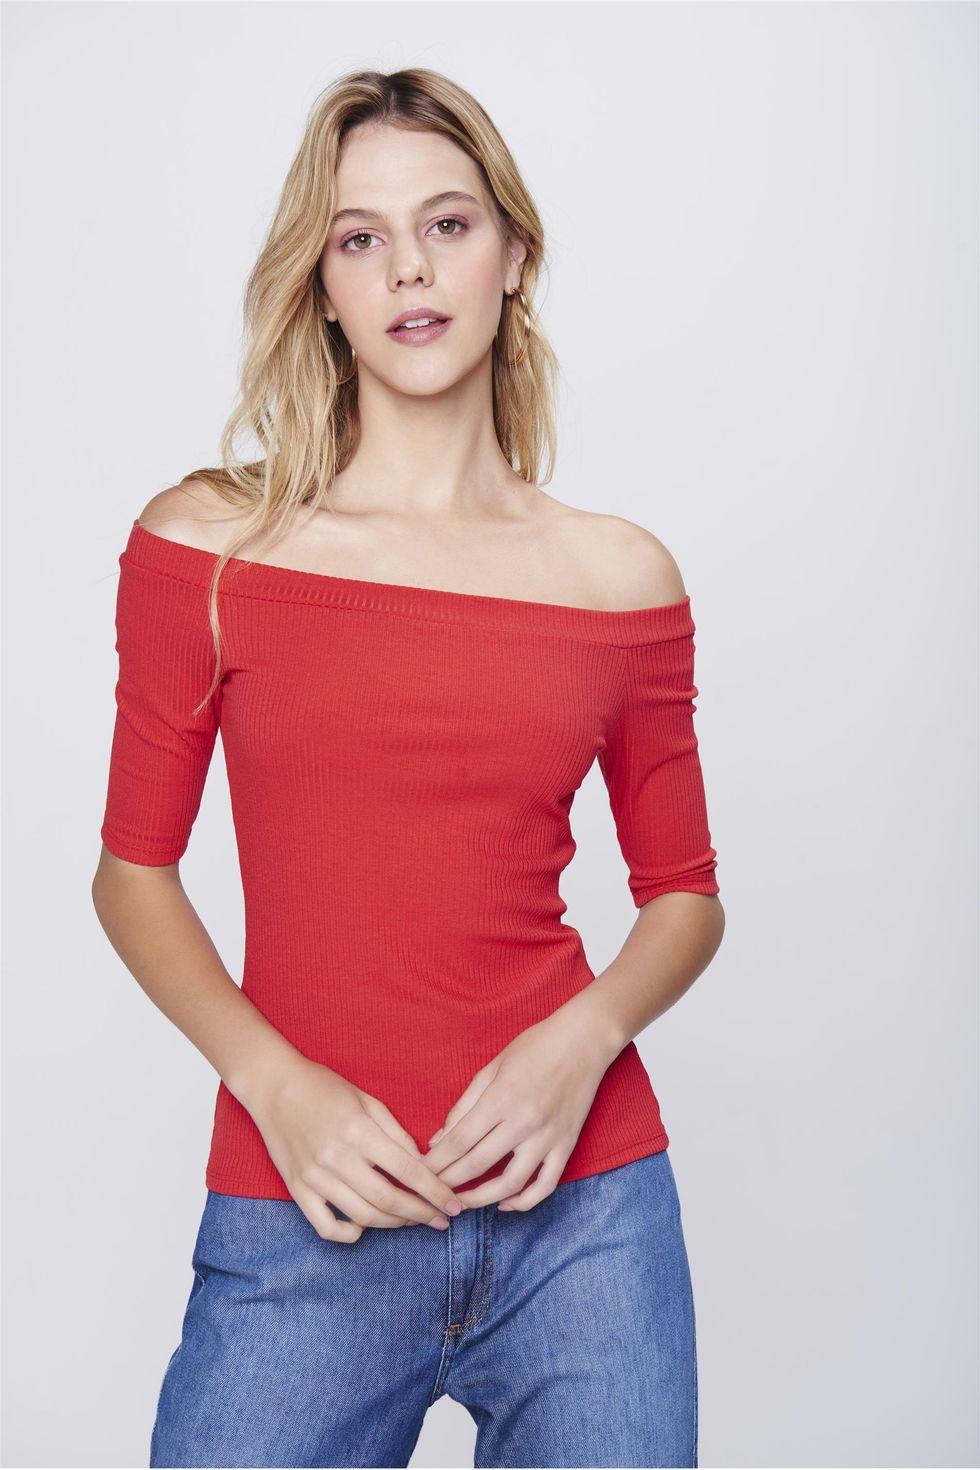 Blusa-Canelada-Ombro-a-Ombro-Feminina-Frente--